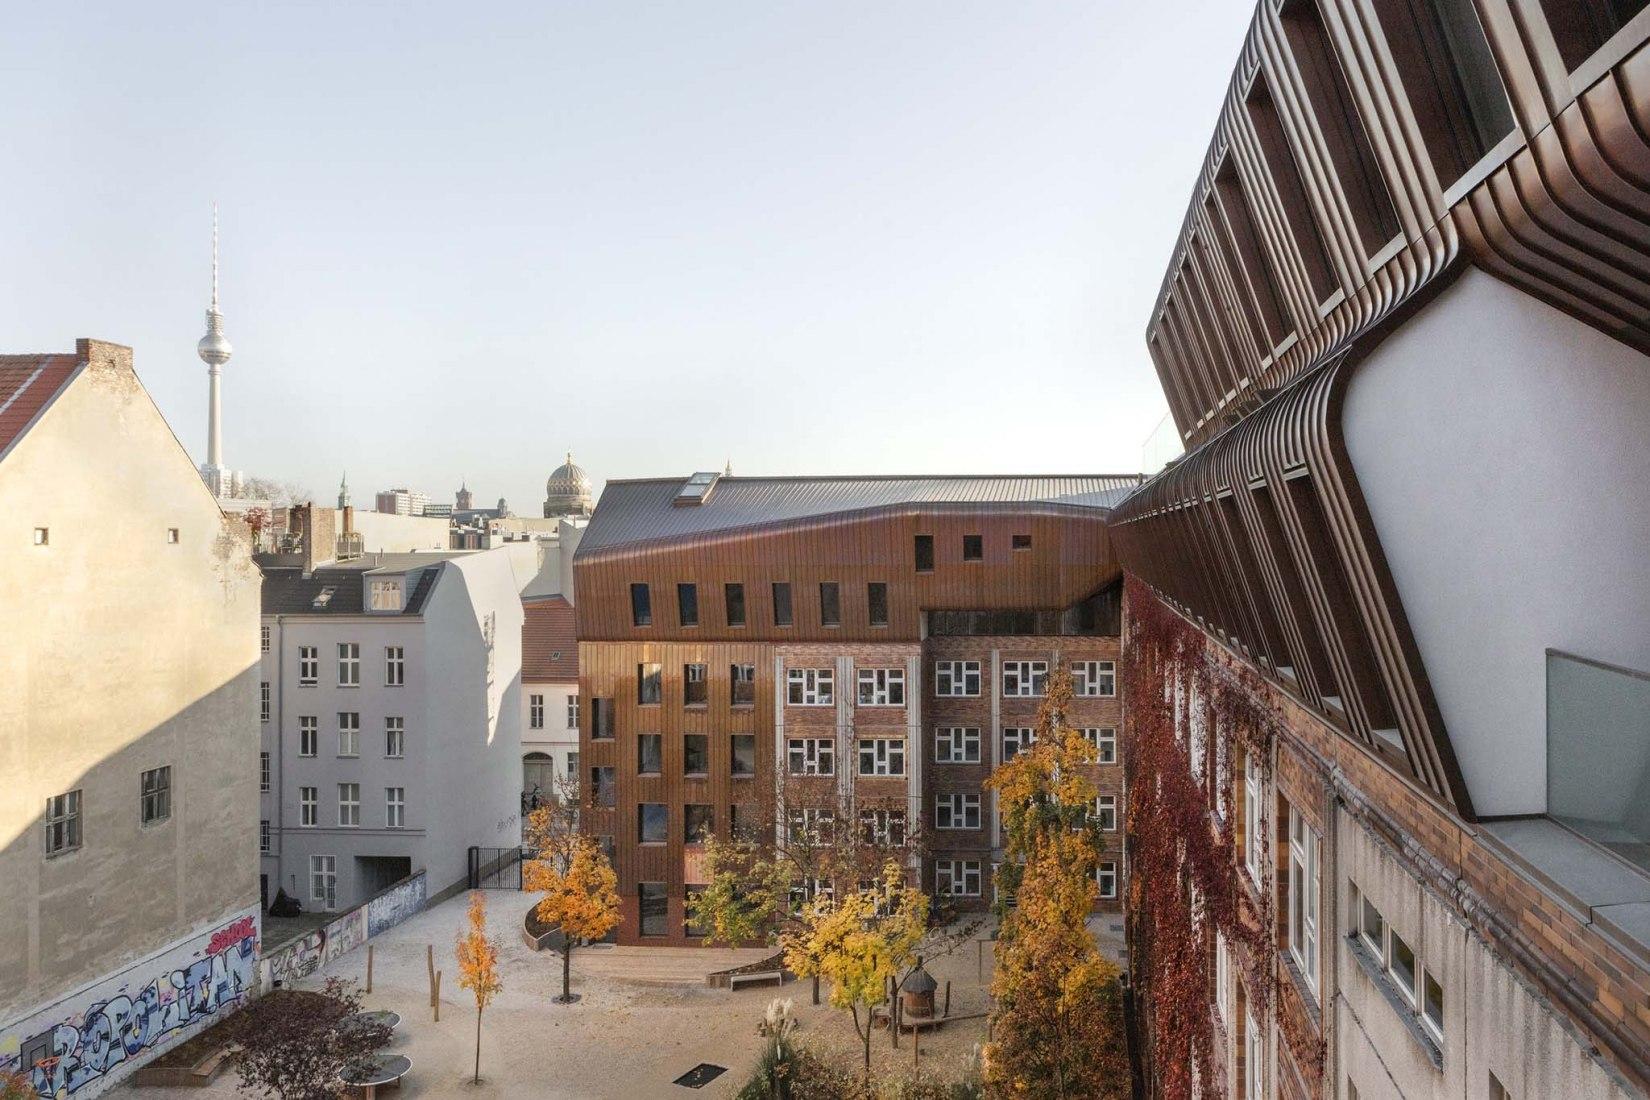 Escuela Metropolitana de Berlín por Sauerbruch Hutton. Fotografía por Jan Bitter.